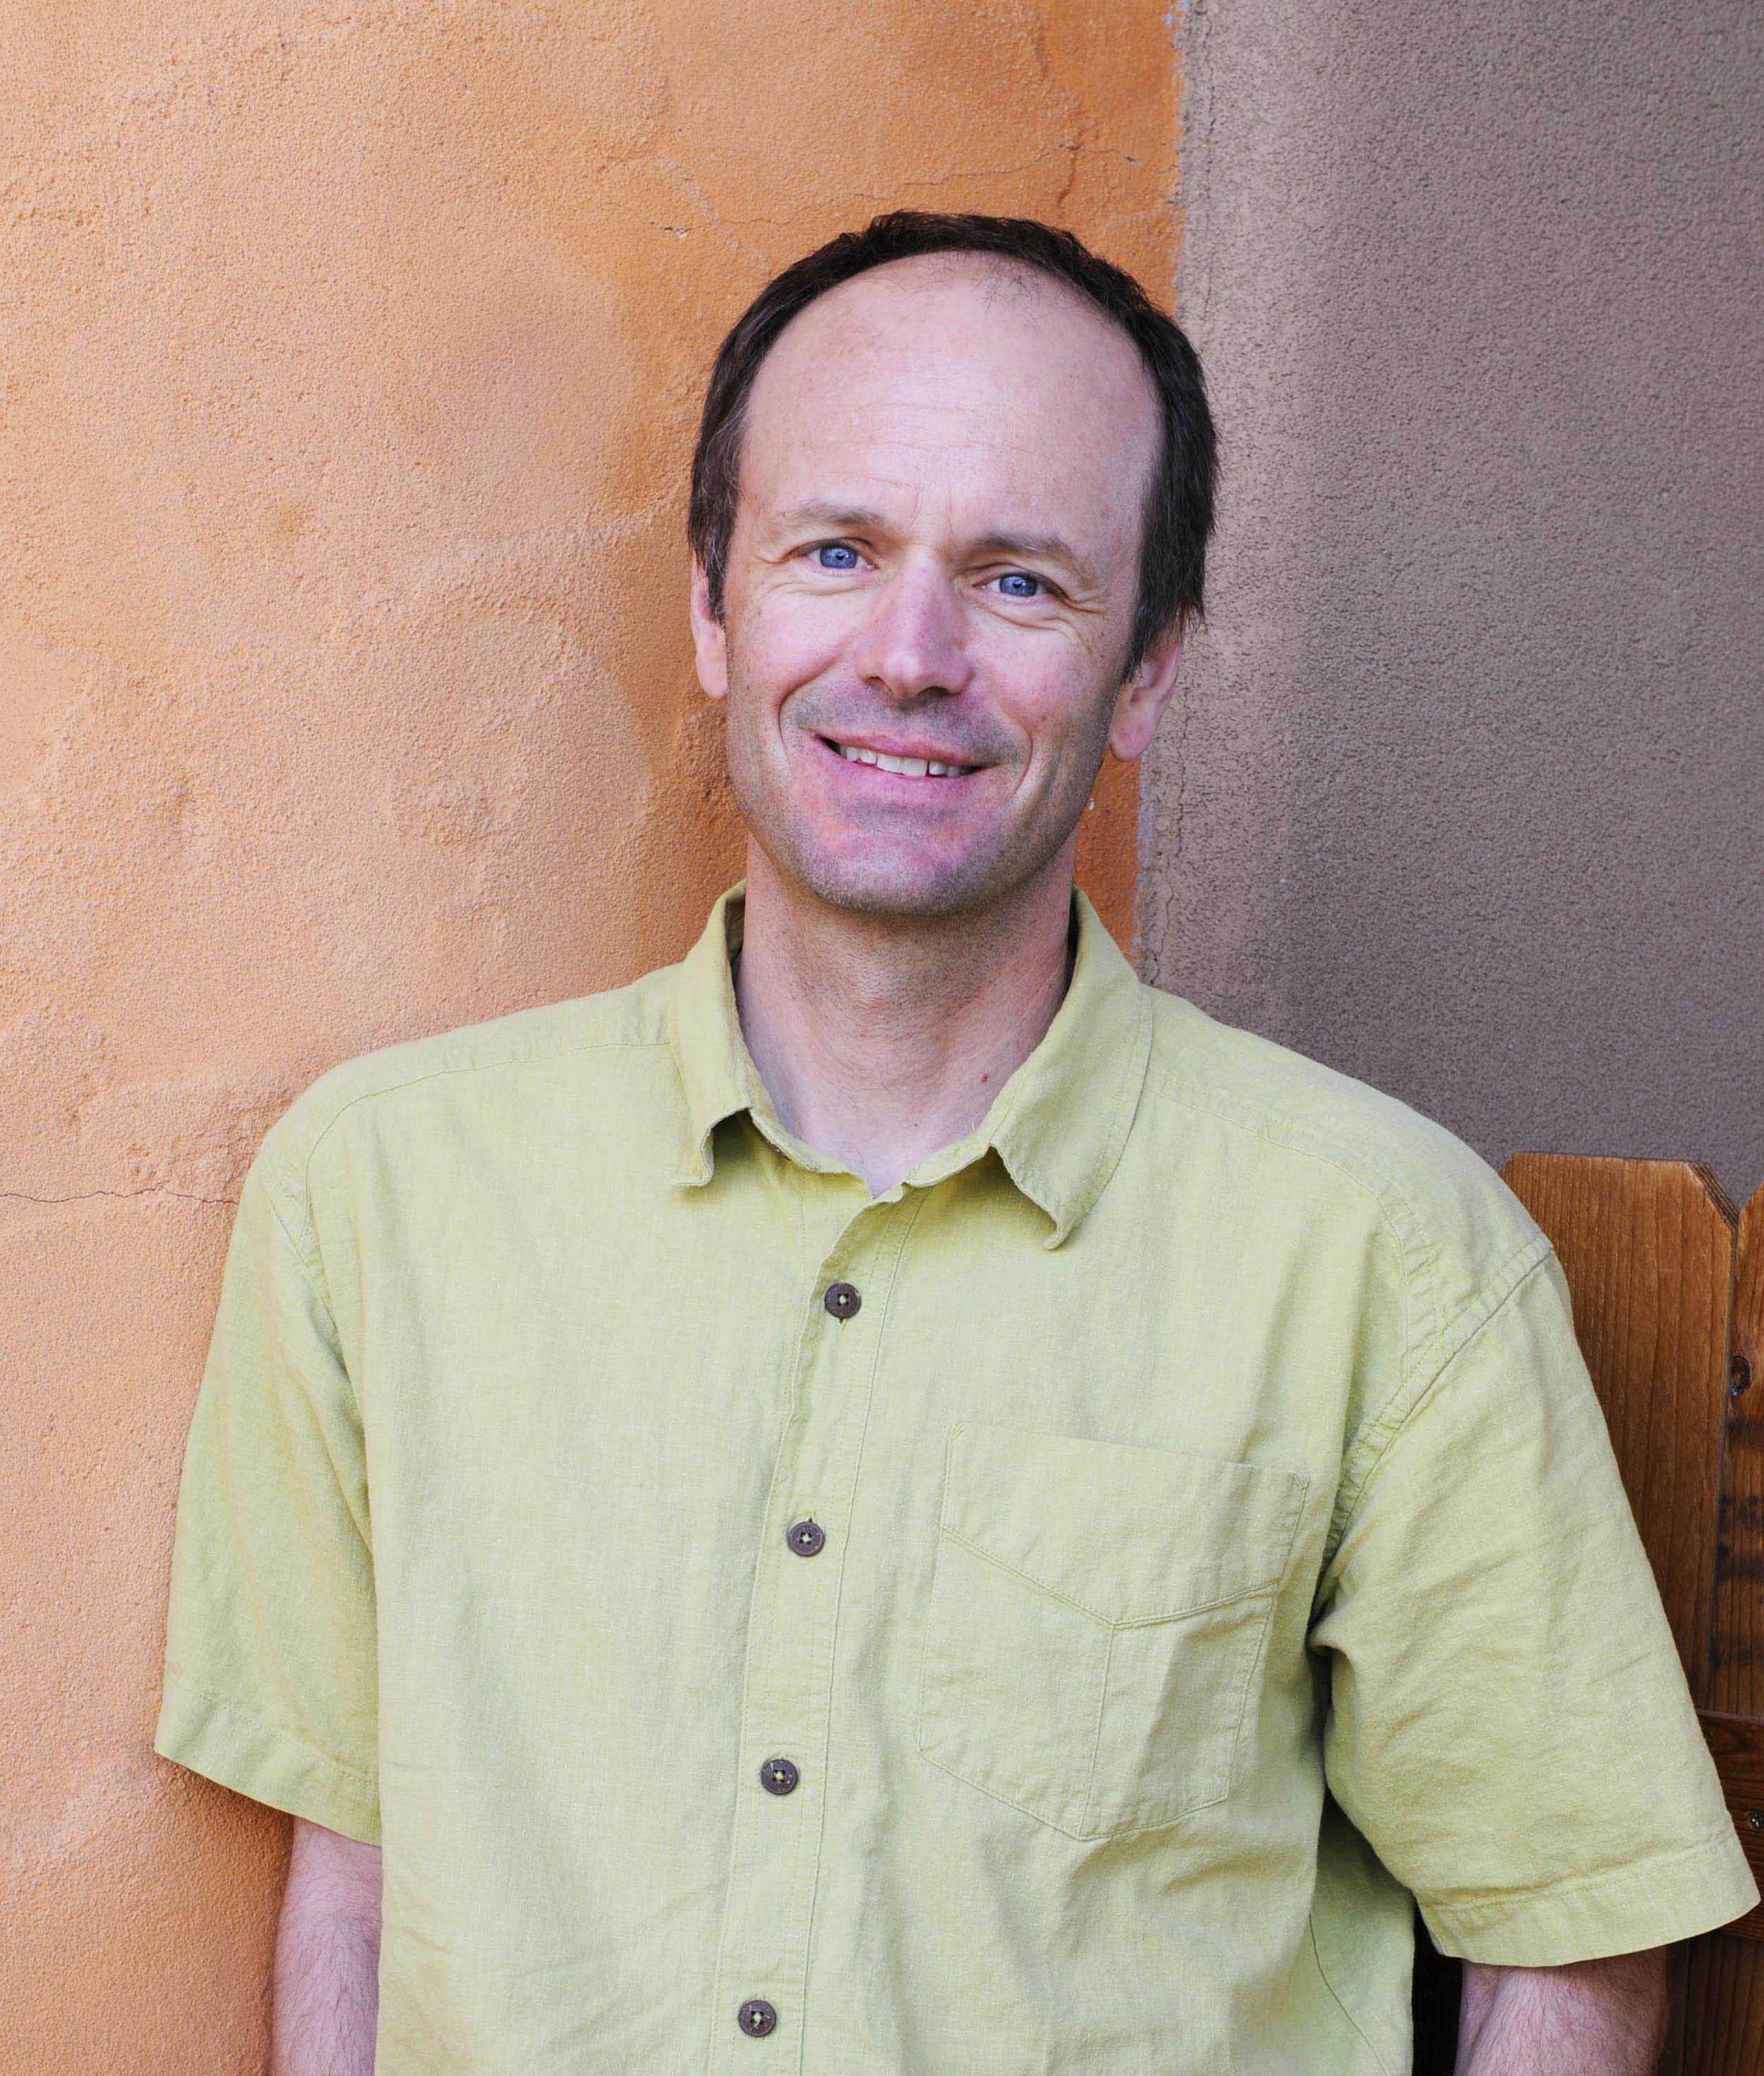 Jason Keith